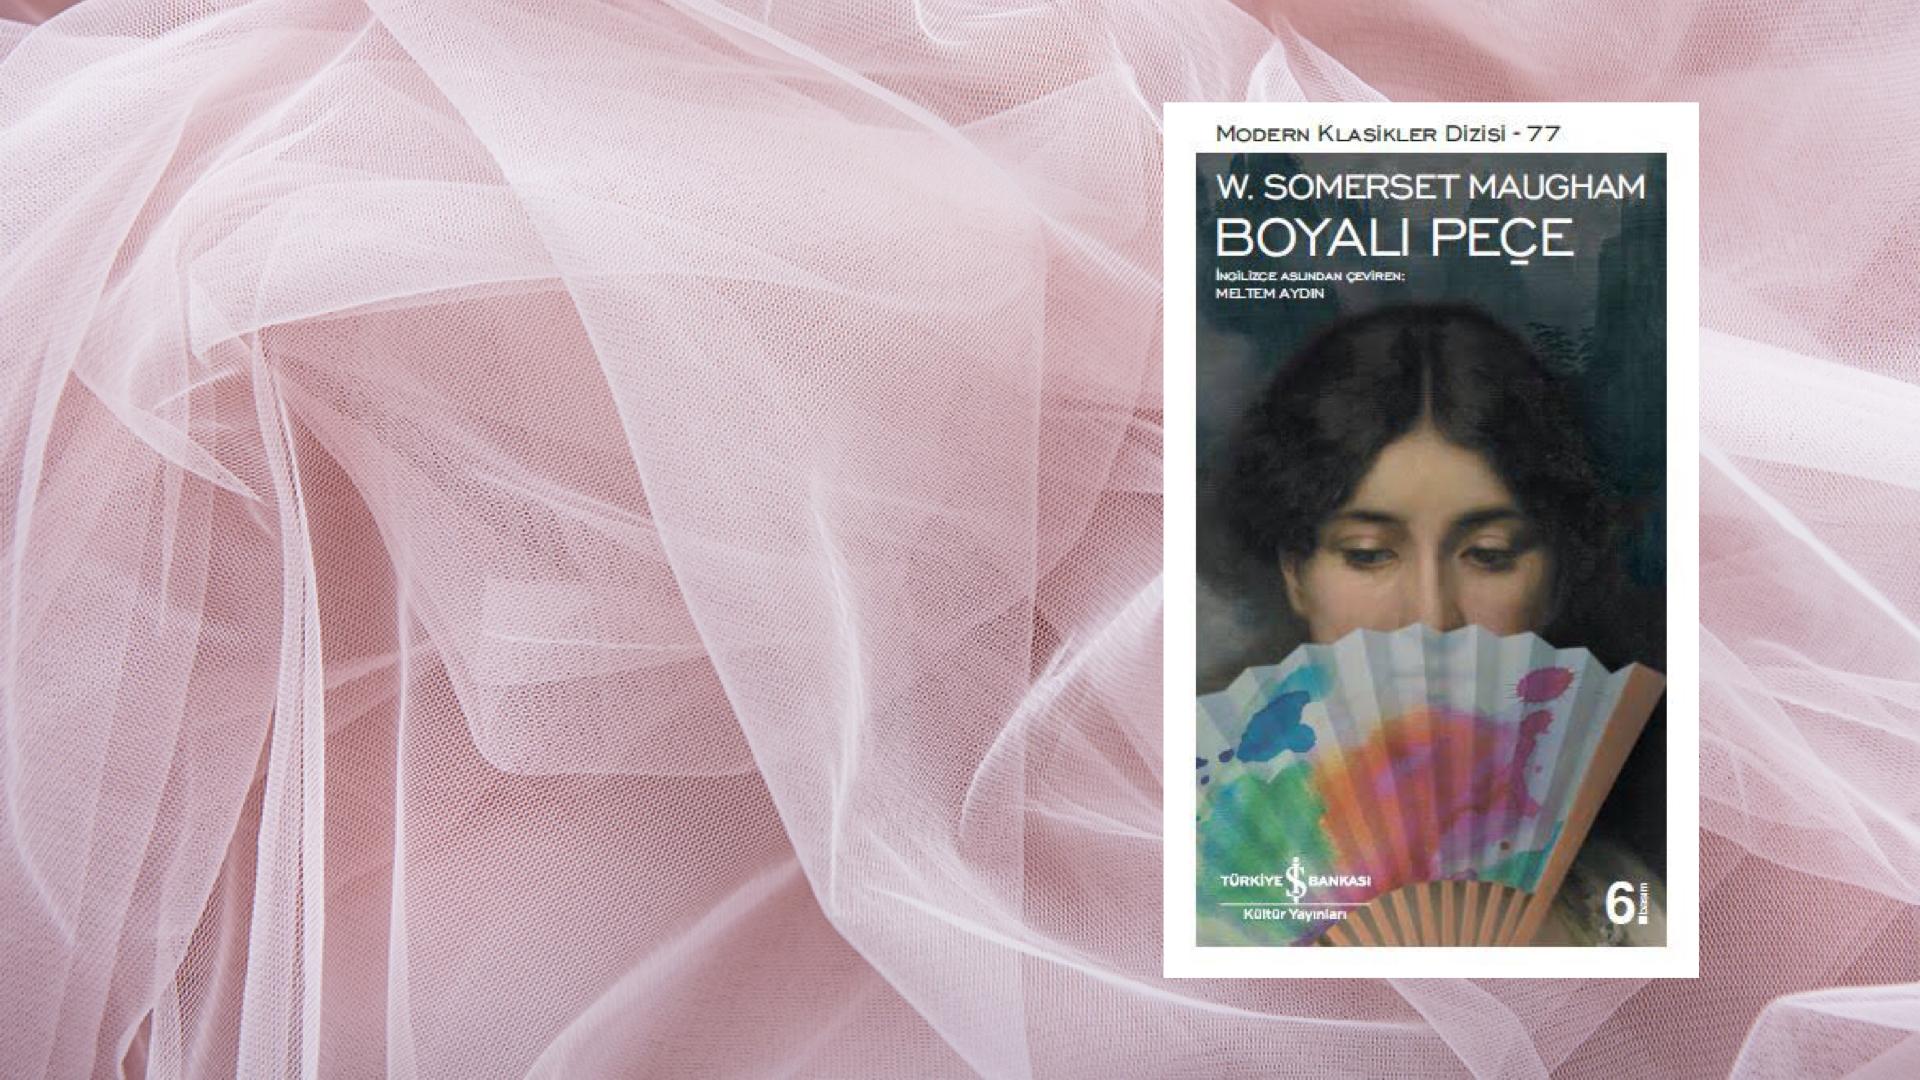 Kitap: Boyalı Peçe | Yazar: W. Somerset Maugham | Yorumlayan: Hülya Erarslan